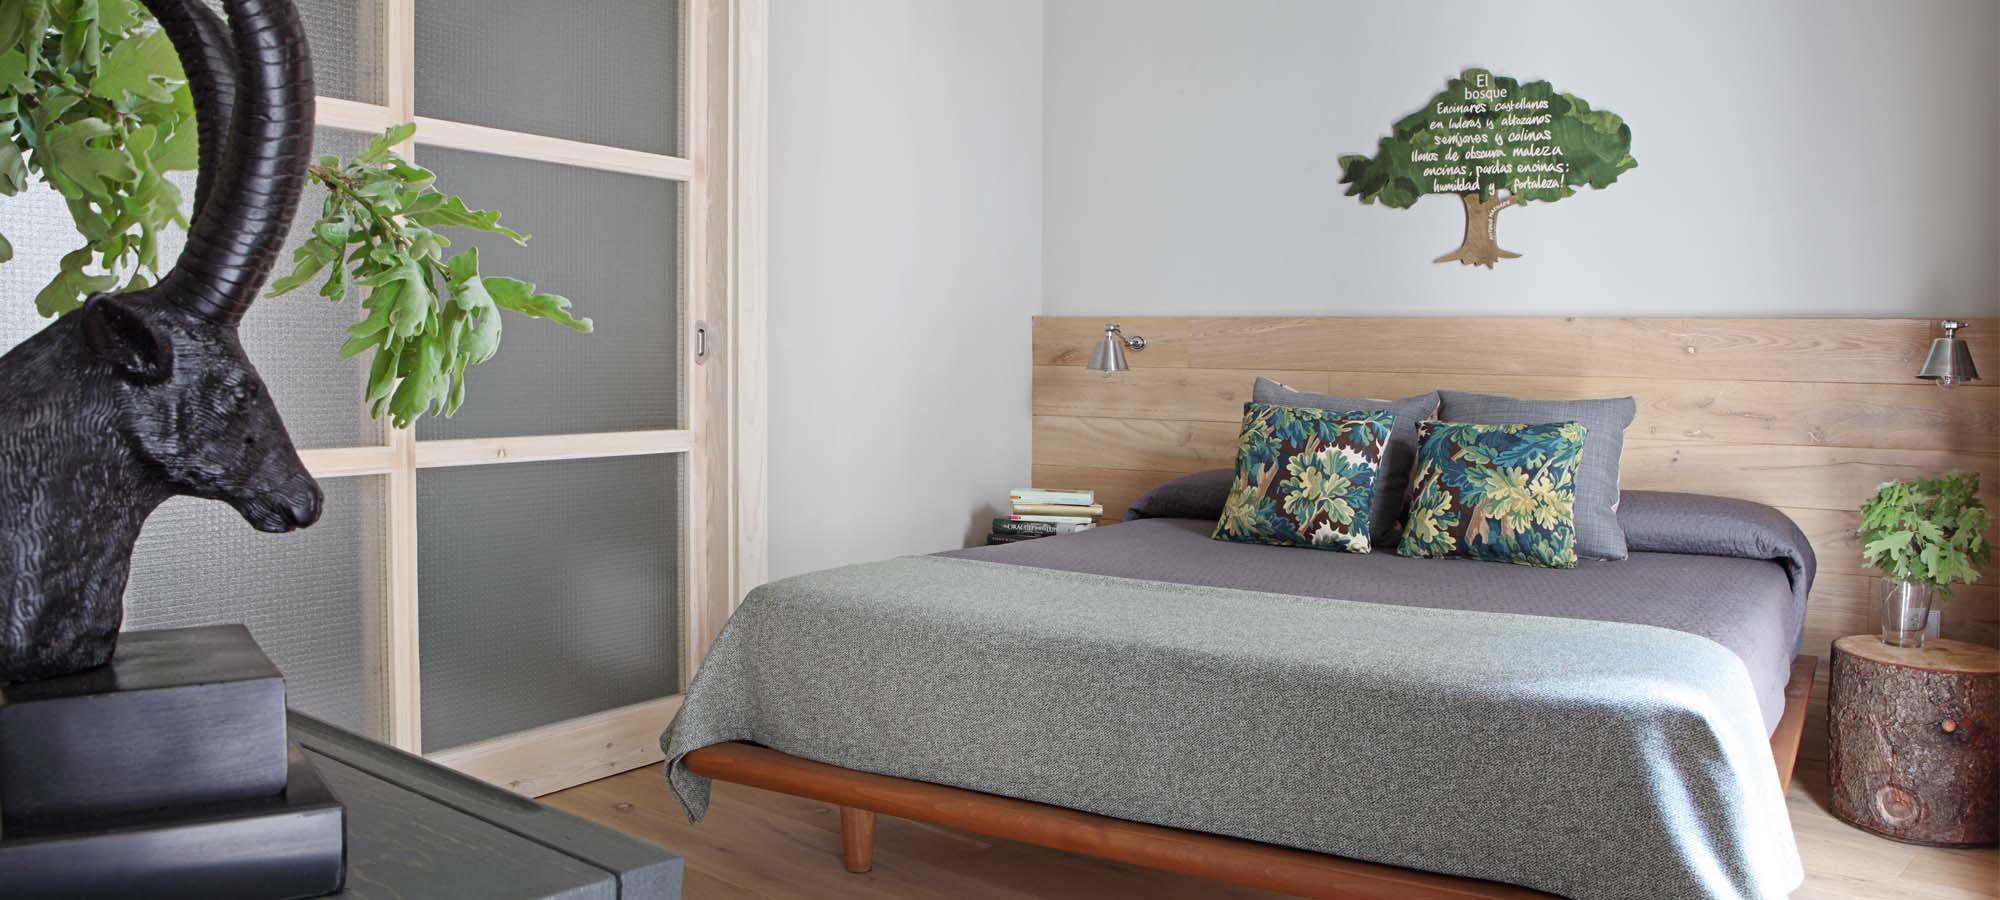 Artesa-apartamentos-El_bosque